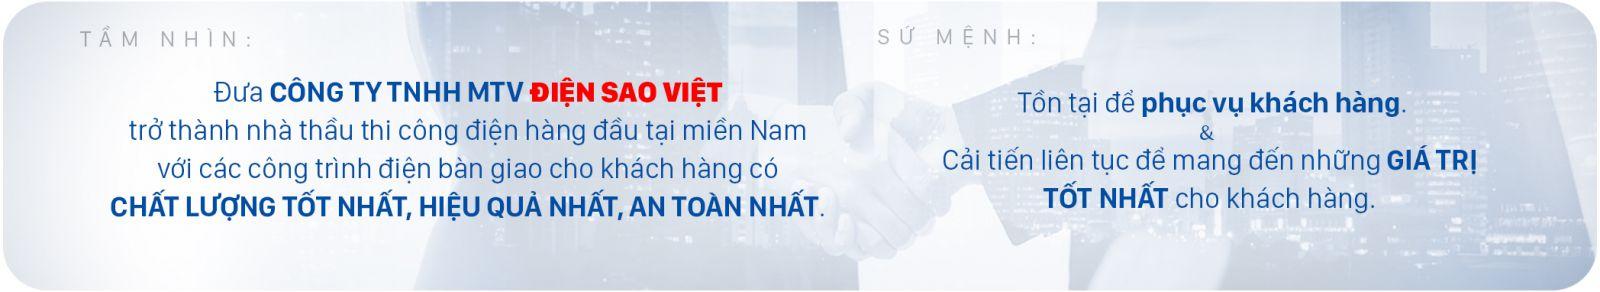 Tầm nhìn Sứ mệnh Công ty TNHH MTV Điện Sao Việt